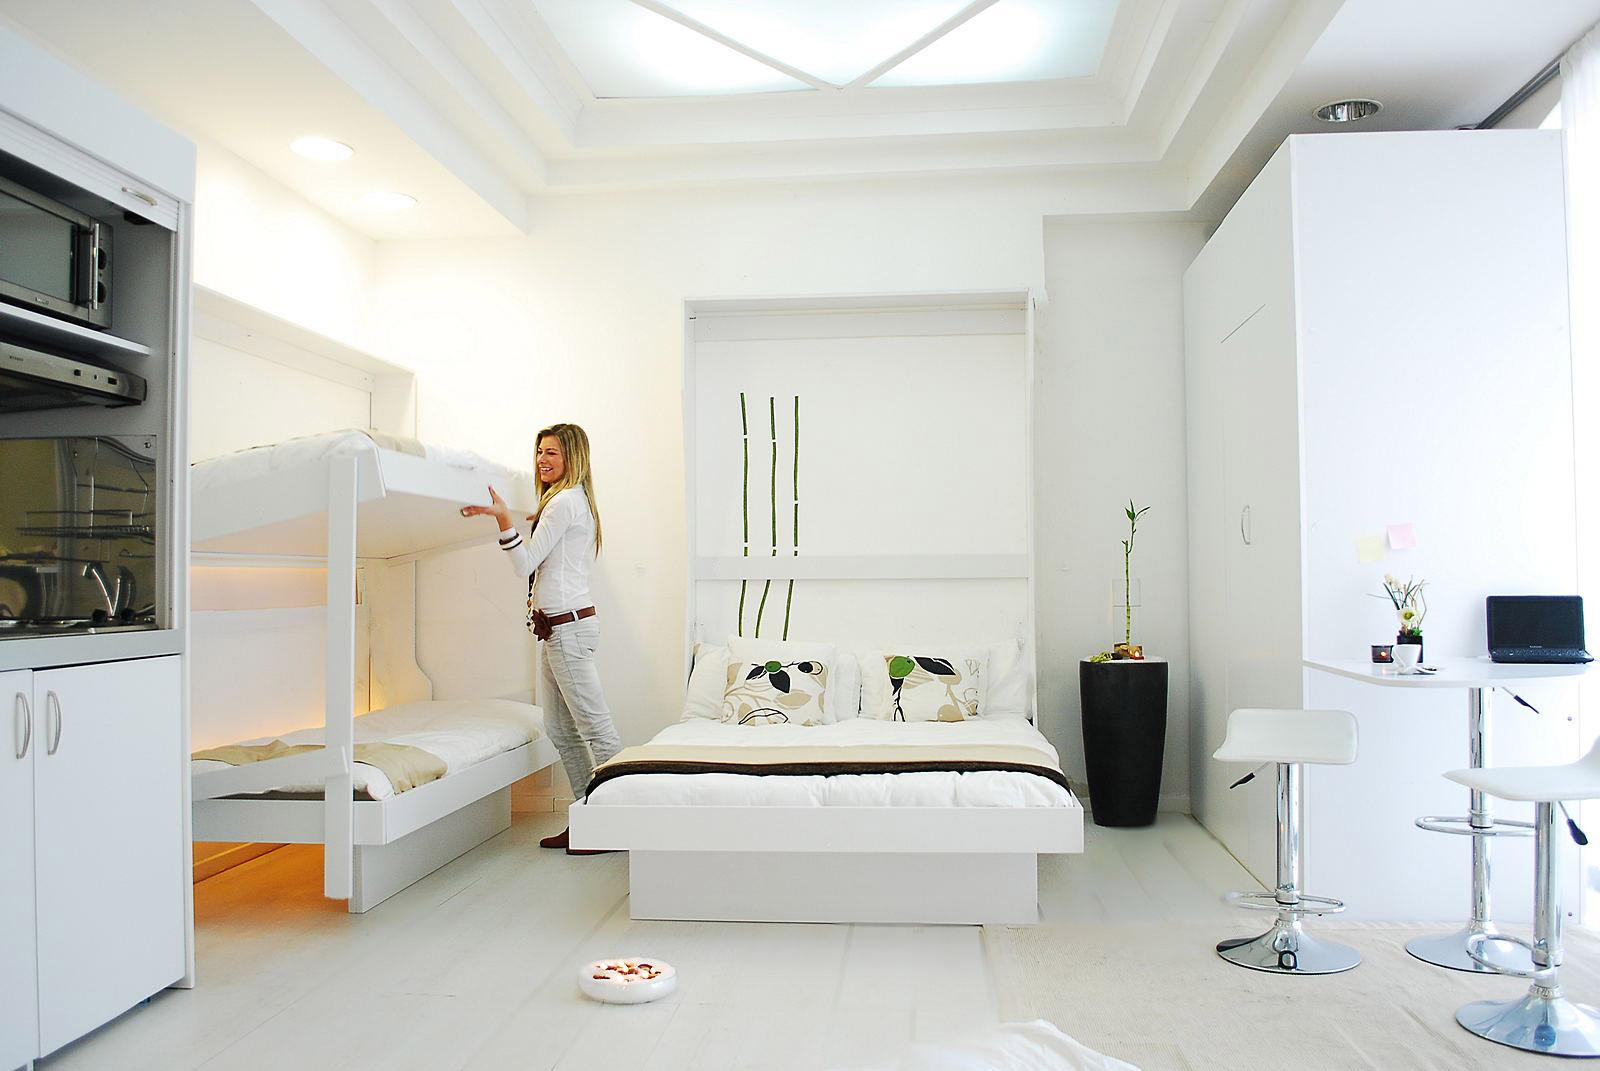 Arredi Salvaspazio E Trasformabili : Ottimizzare gli spazi: il letto a scomparsa e gli altri arredi